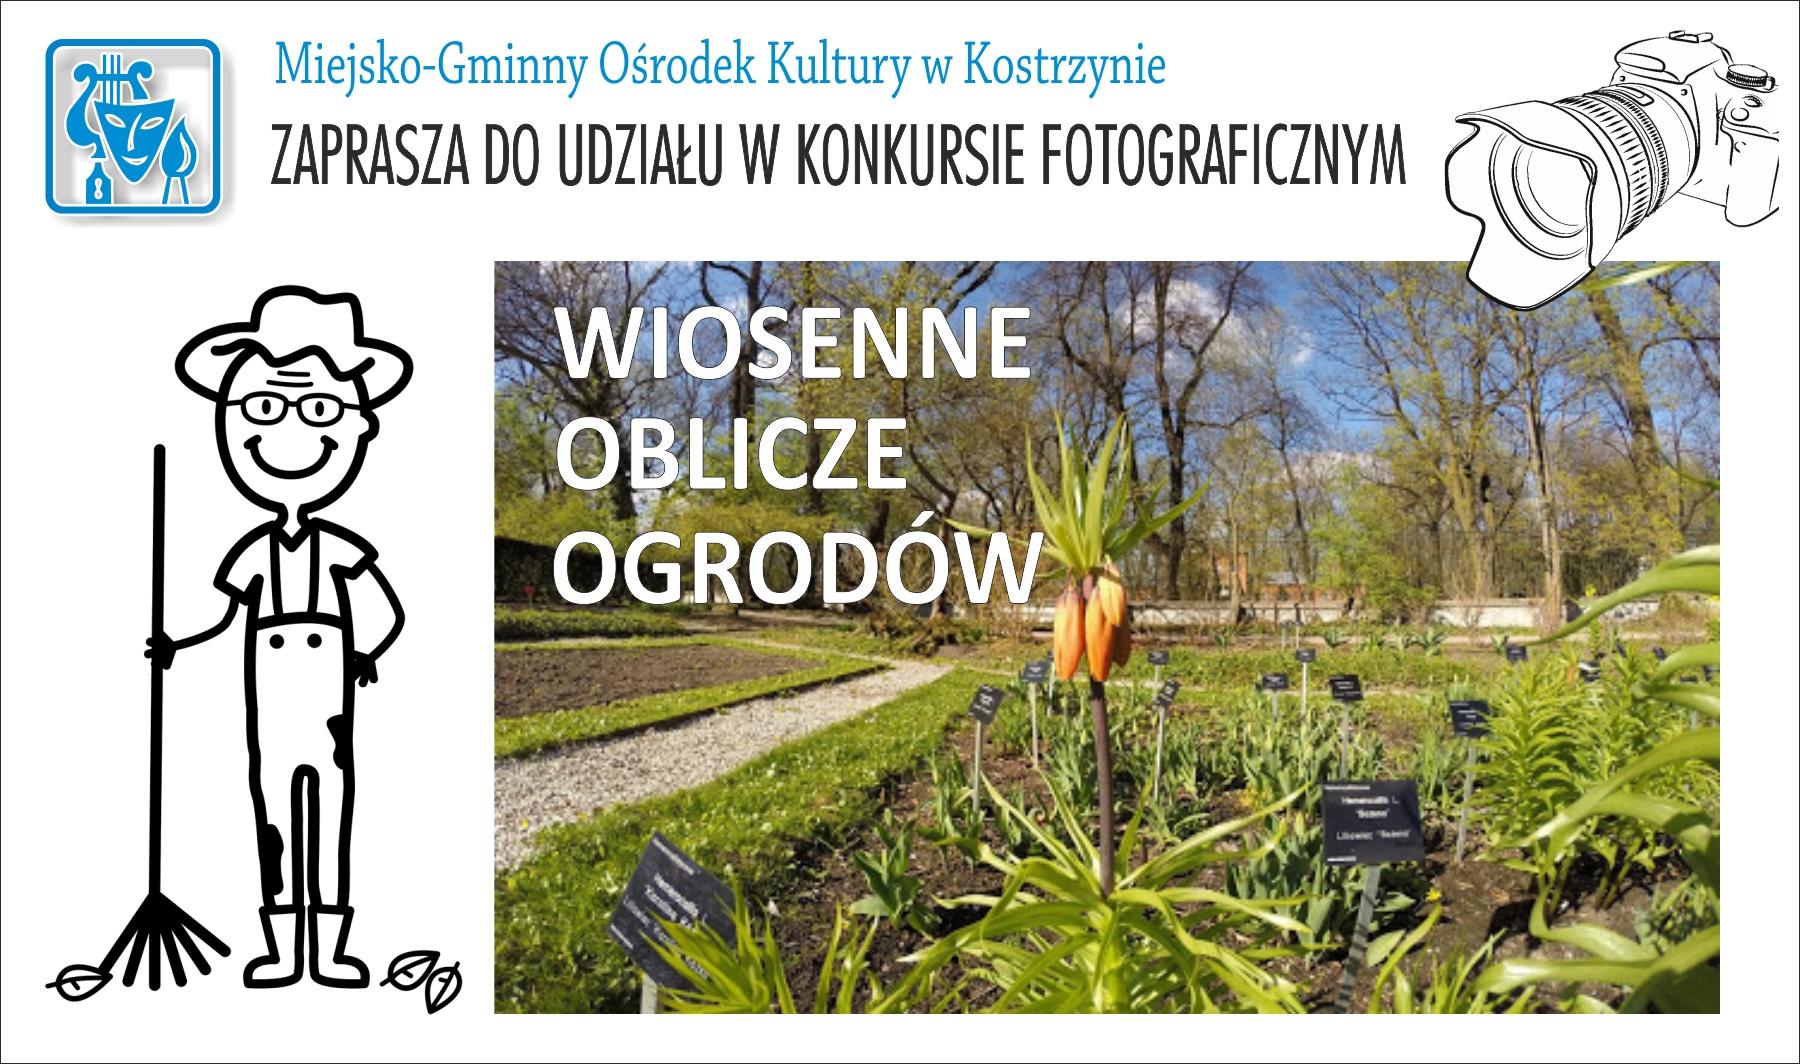 Plakat zaprasza do konkursu fotograficznego pt. Wiosenne oblicze ogrodów.